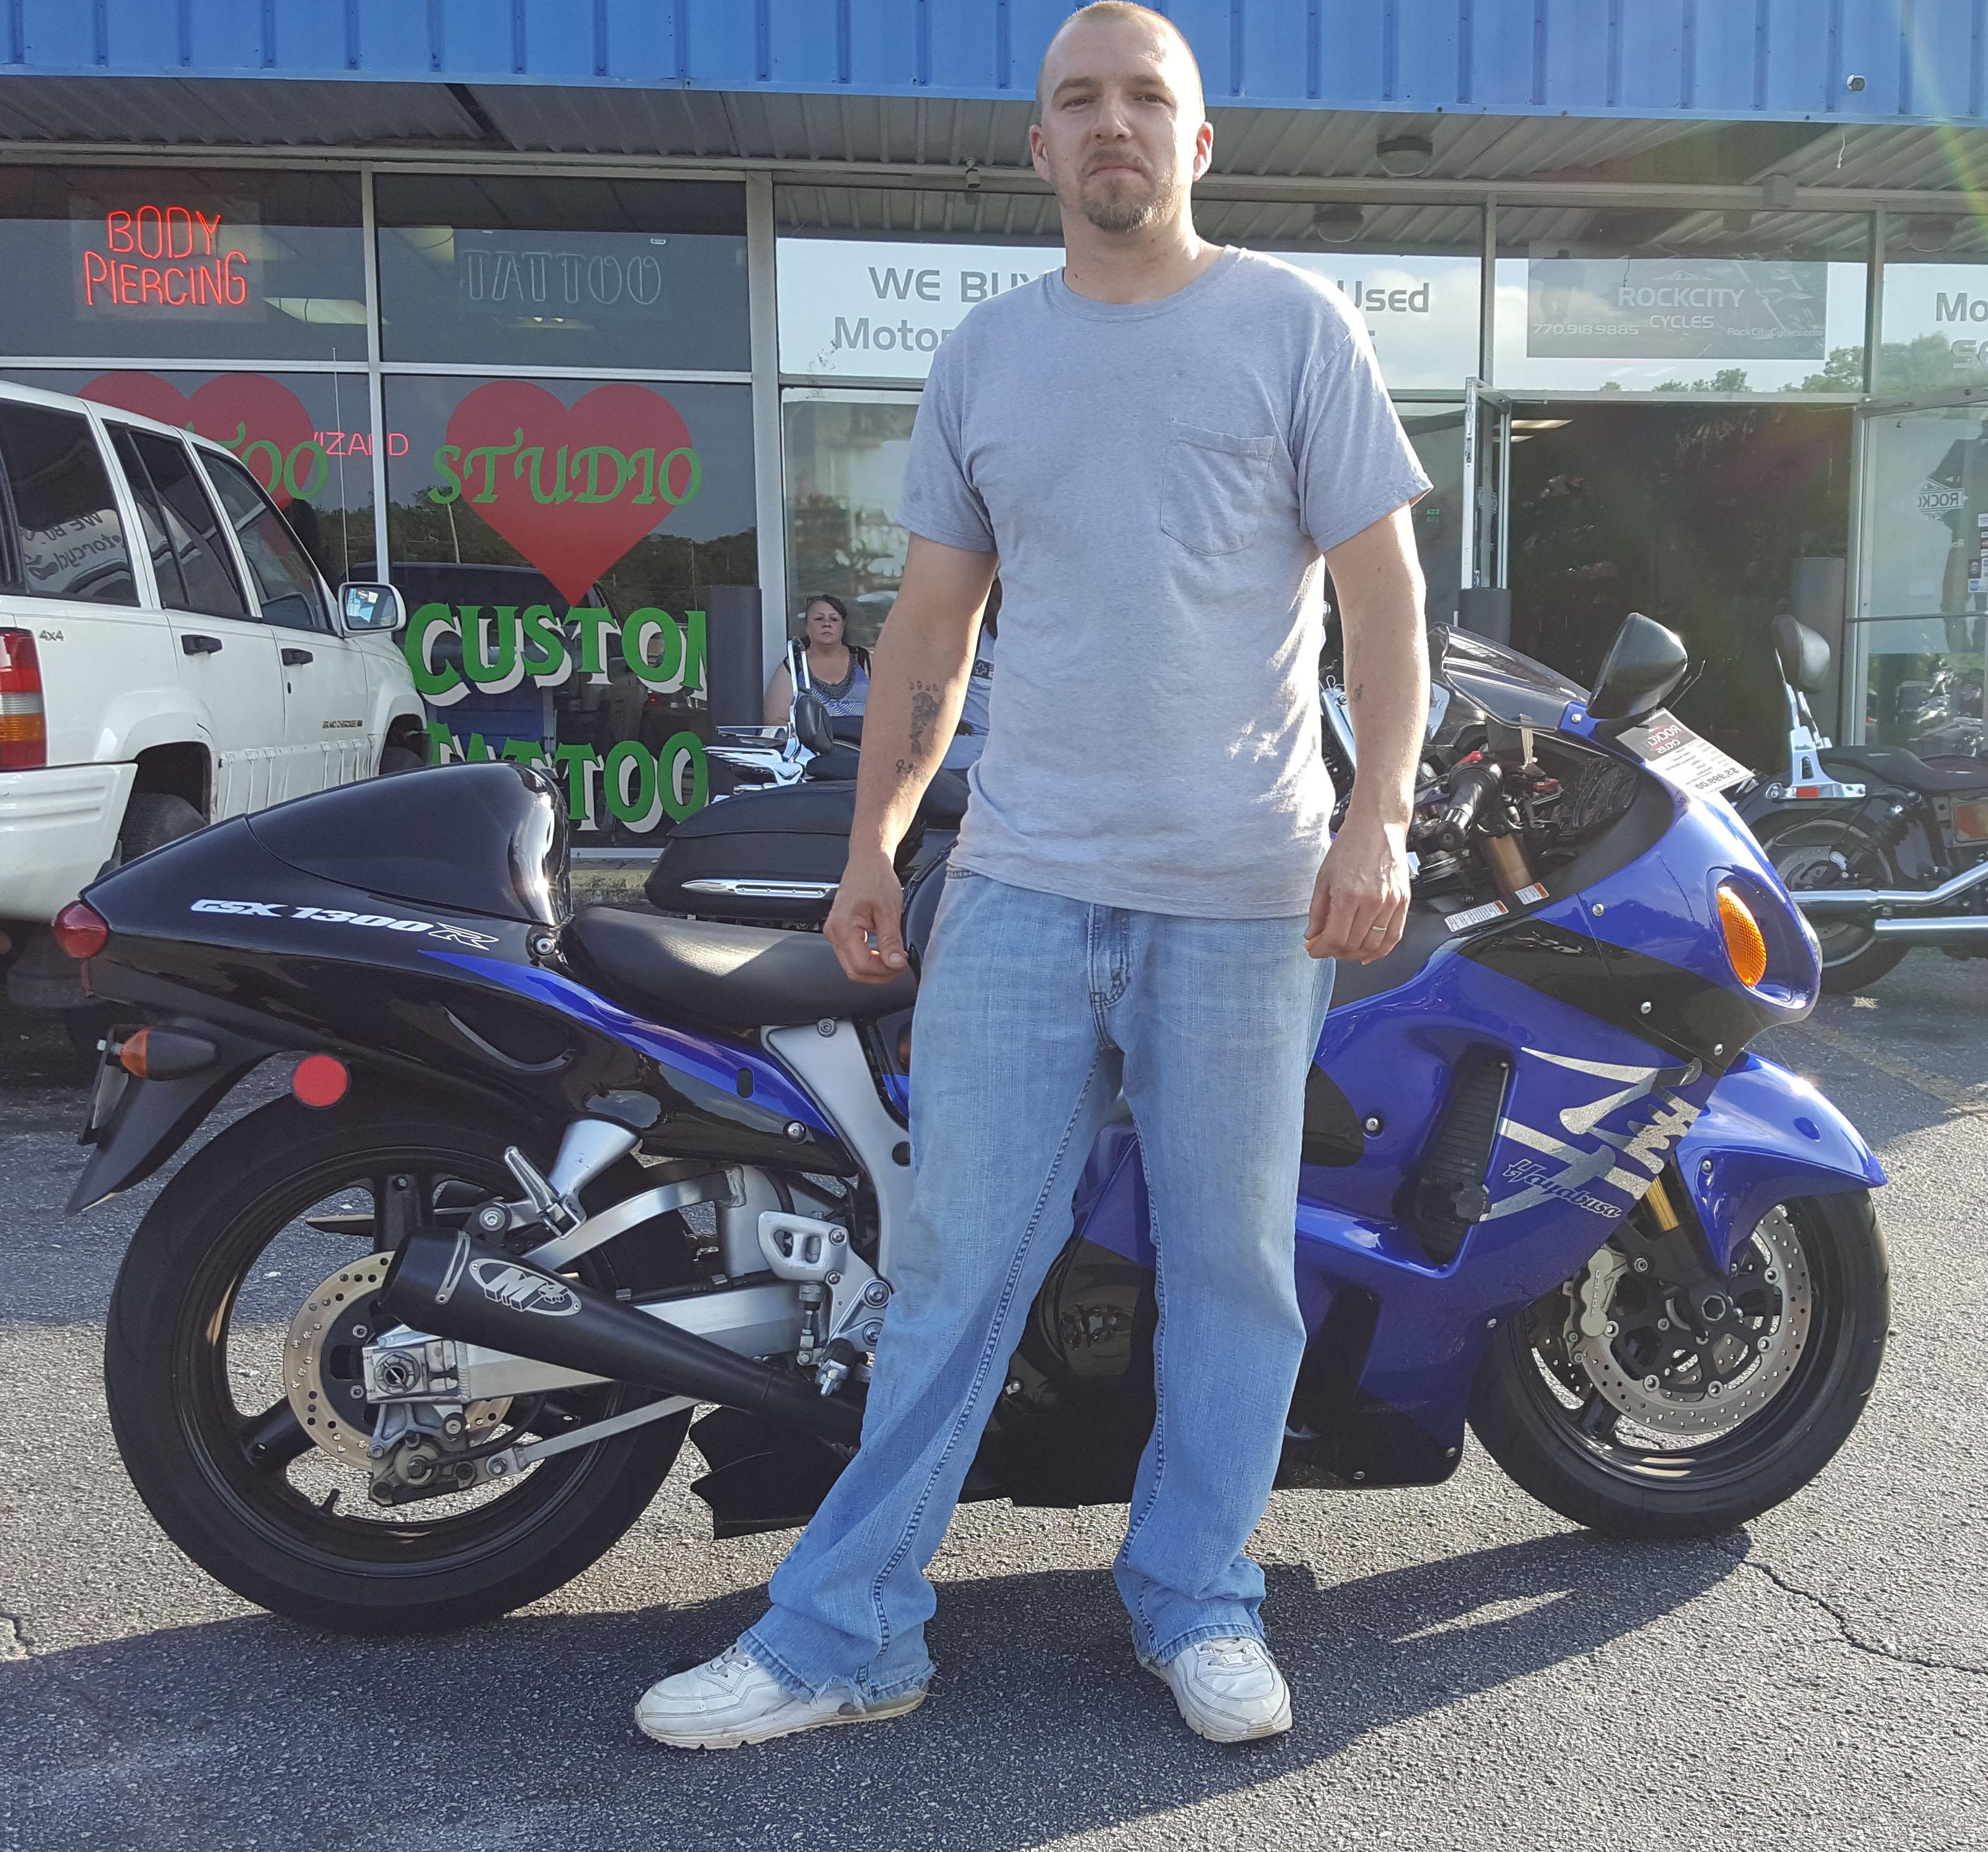 Clint M. with his 2004 Suzuki Hayabusa GSXR1300